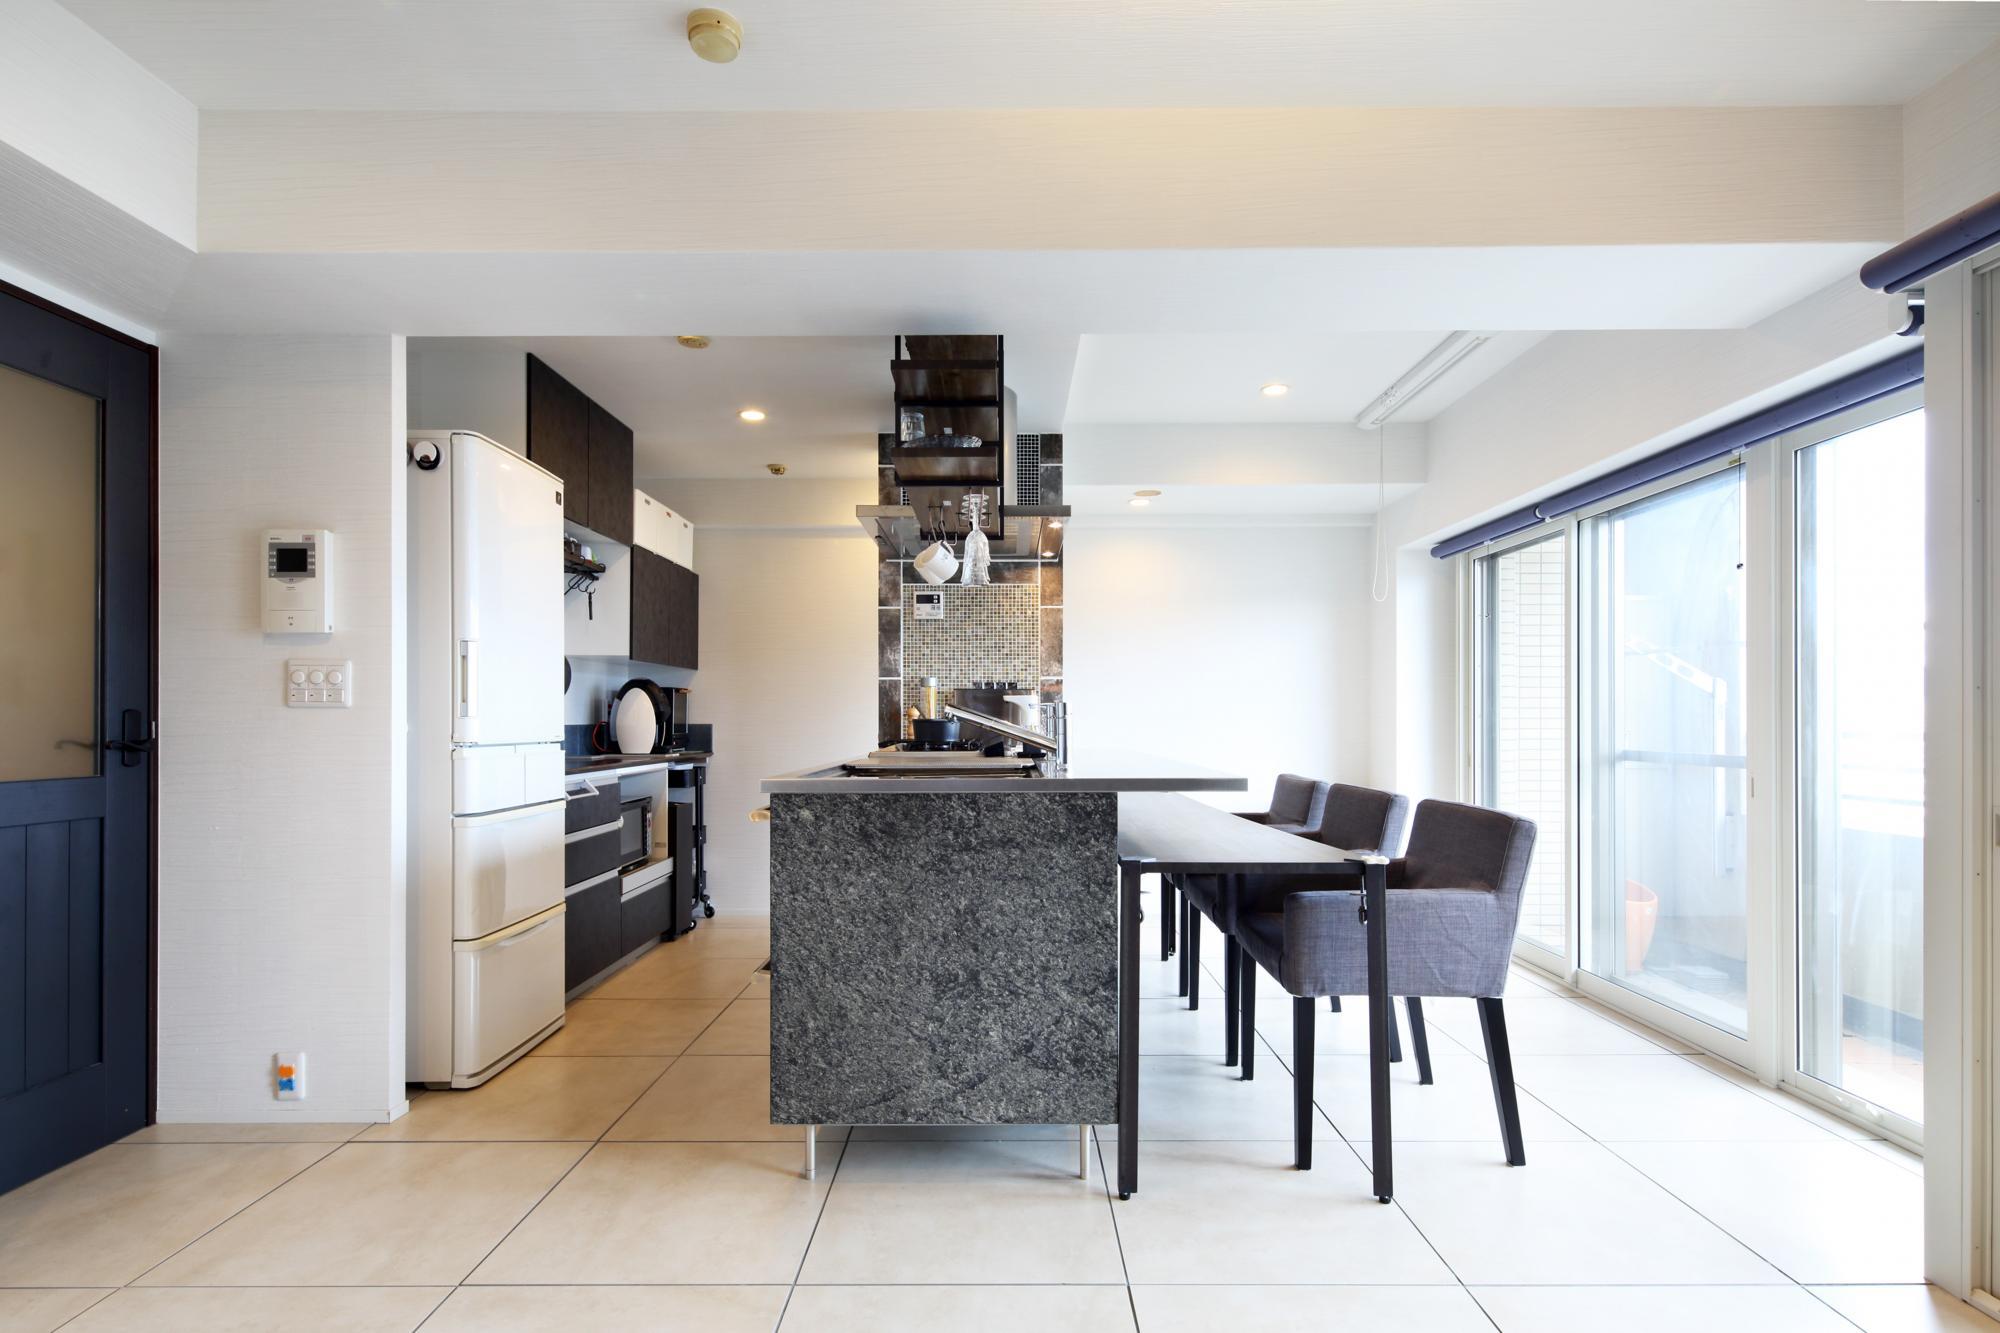 コミュニケーションと家事動線を重視してアイランドキッチンを配したLDK。床は600角のタイルを採用し、モノトーンコーディネイトのモダンな住空間に